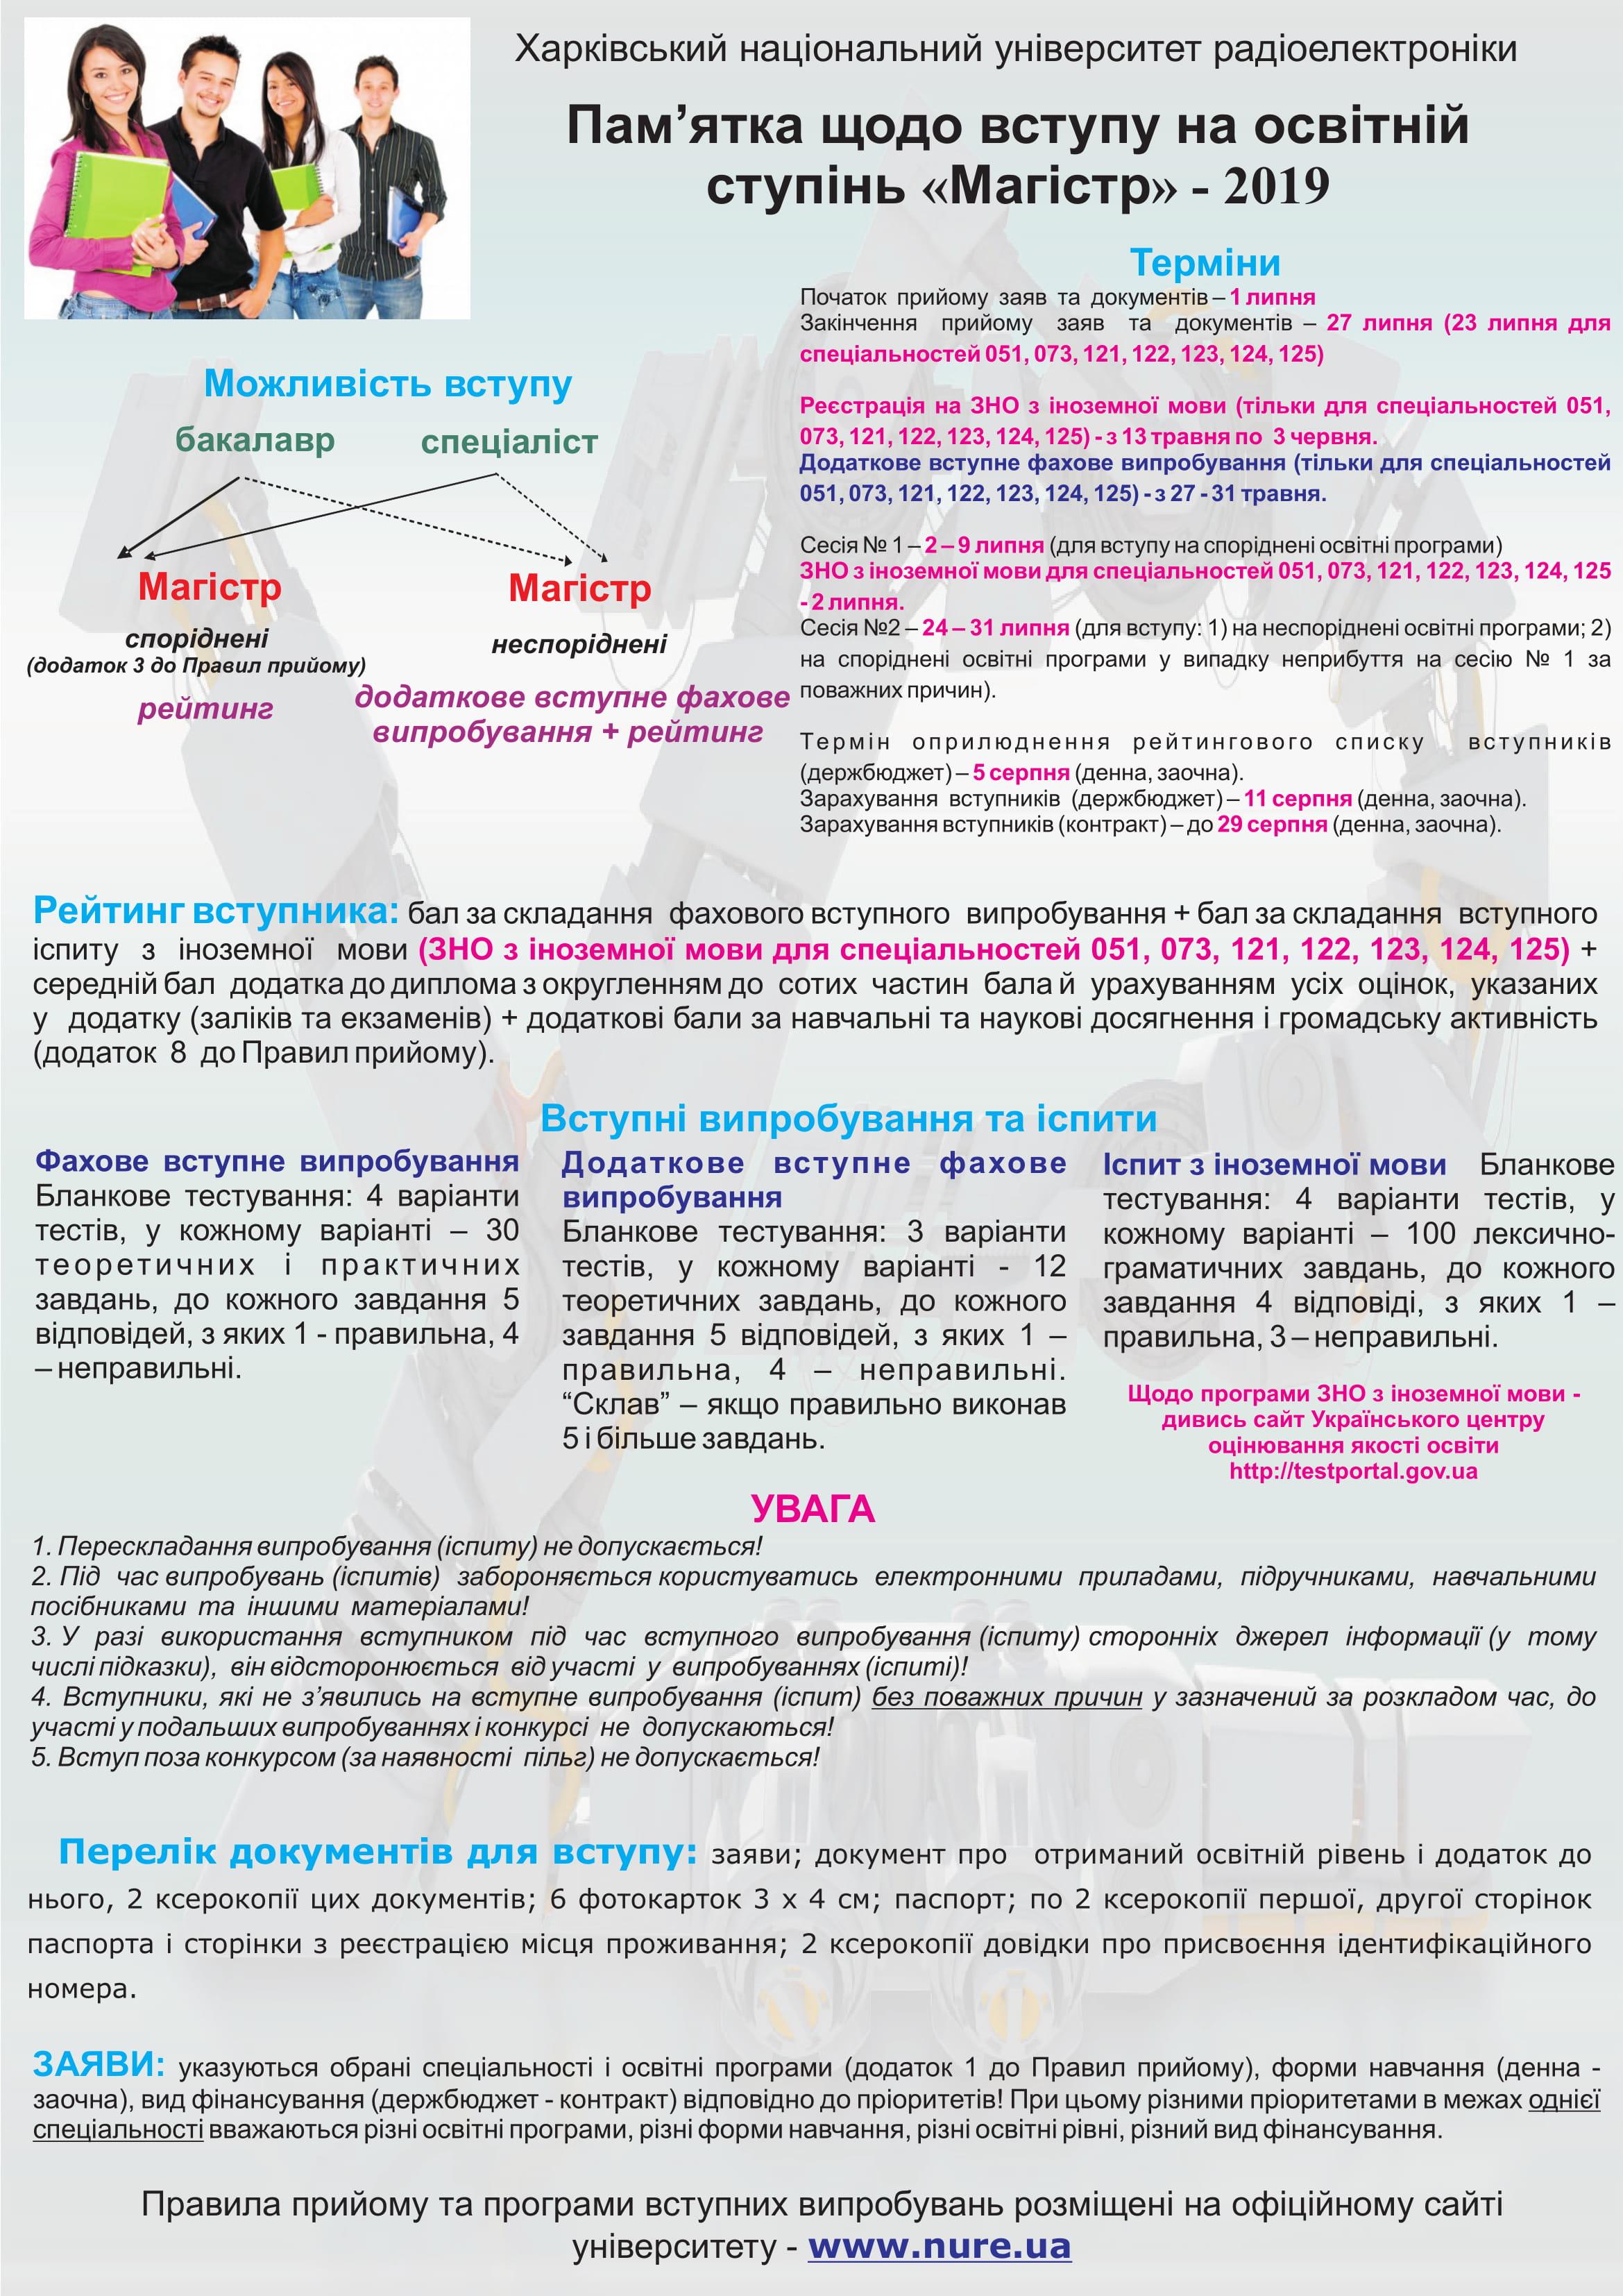 Порядок подання документів на вступ до магістратури